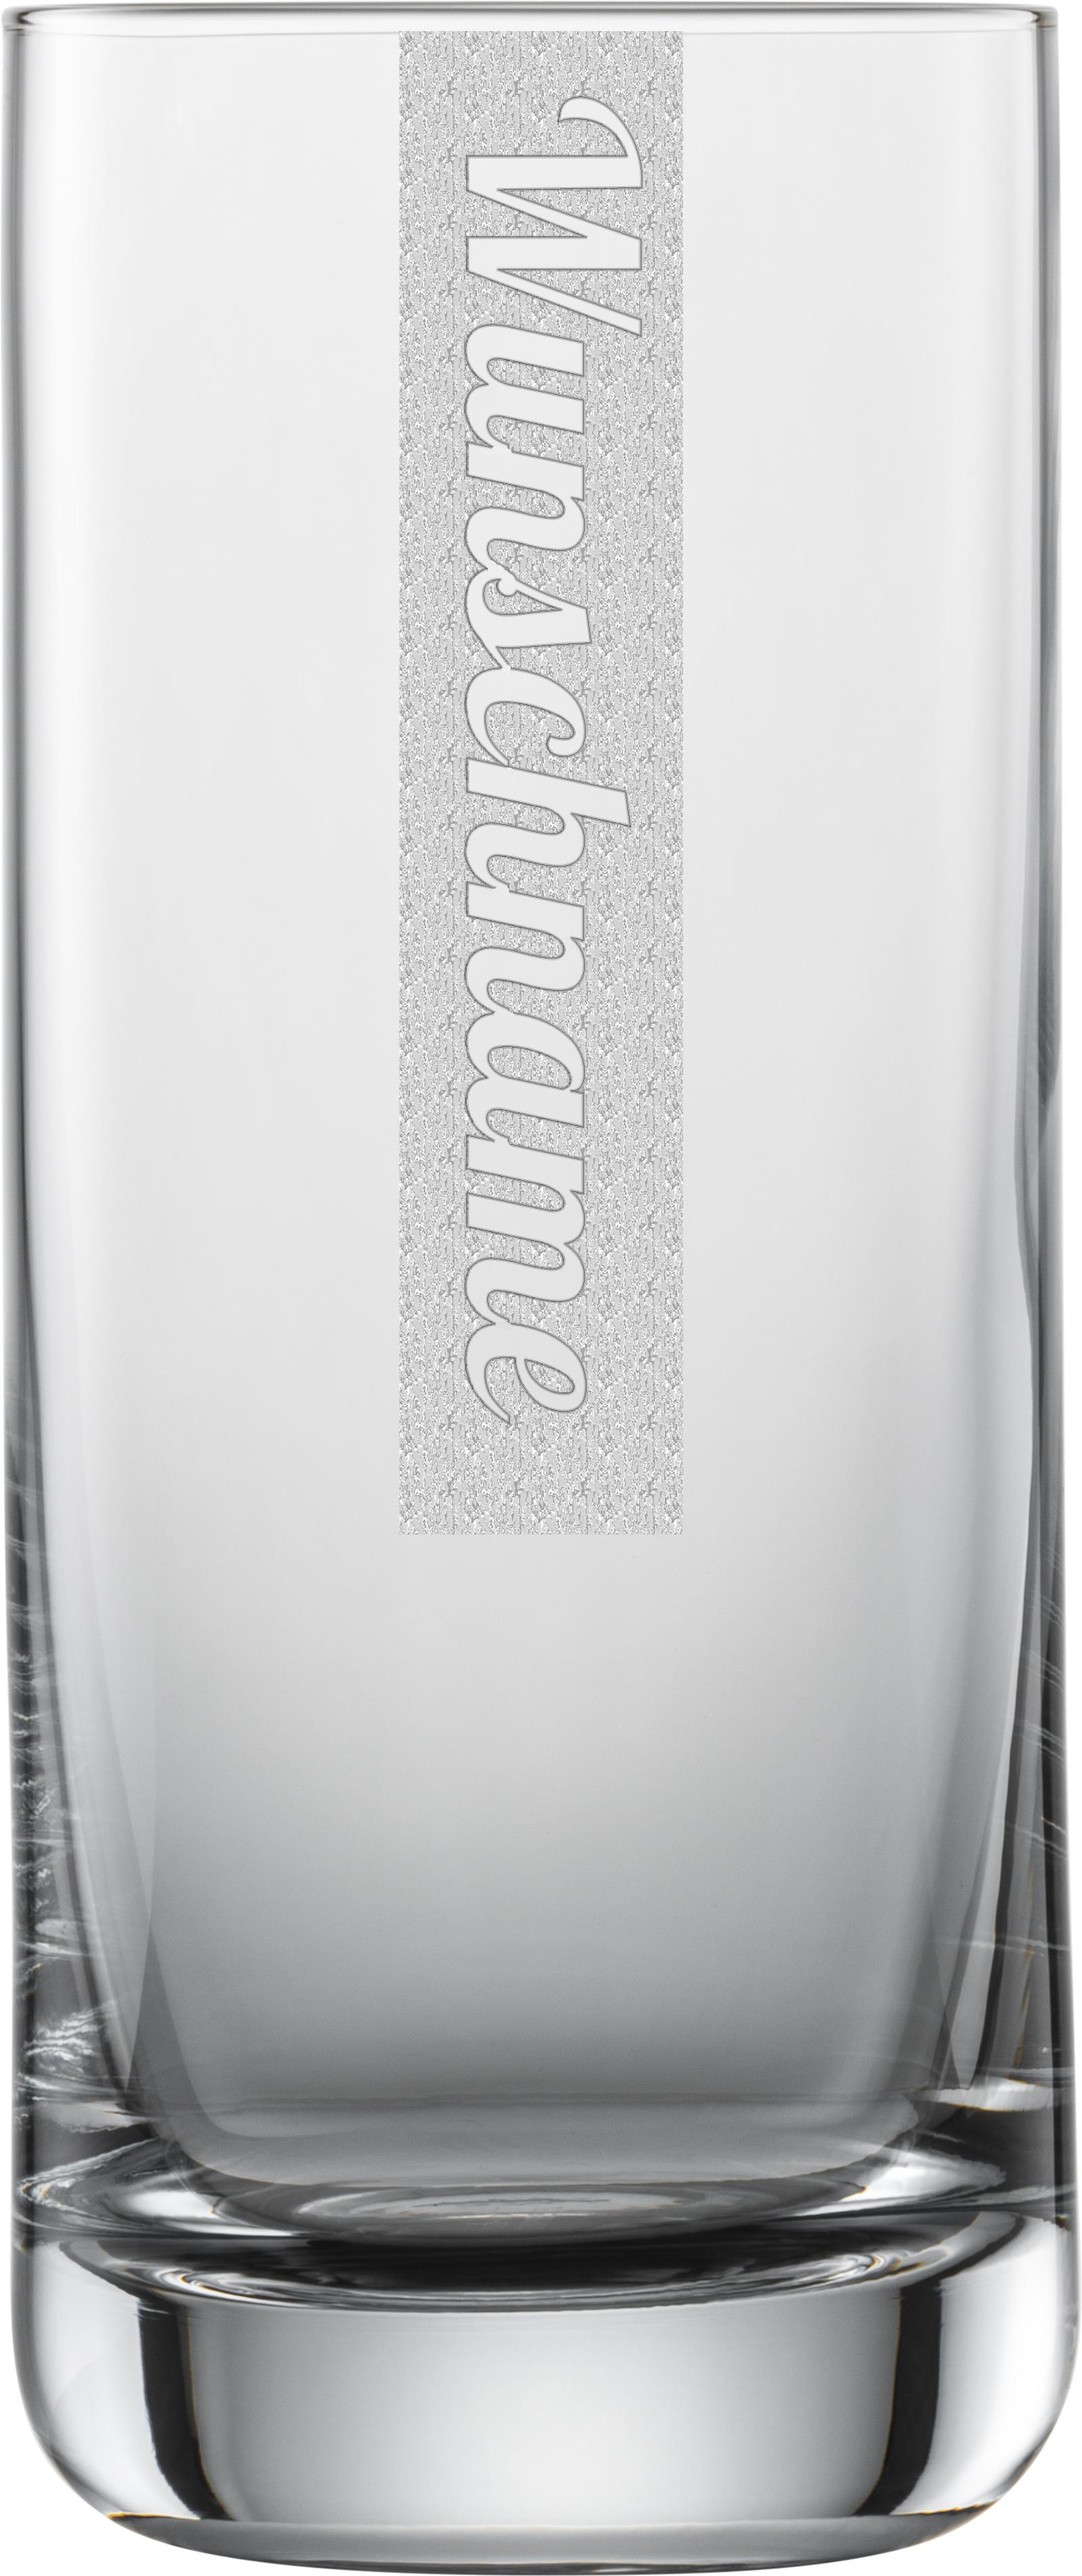 NAMEN Longdrinkglas mit Wunschtext   Schott 390ml Tumbler   Gravur